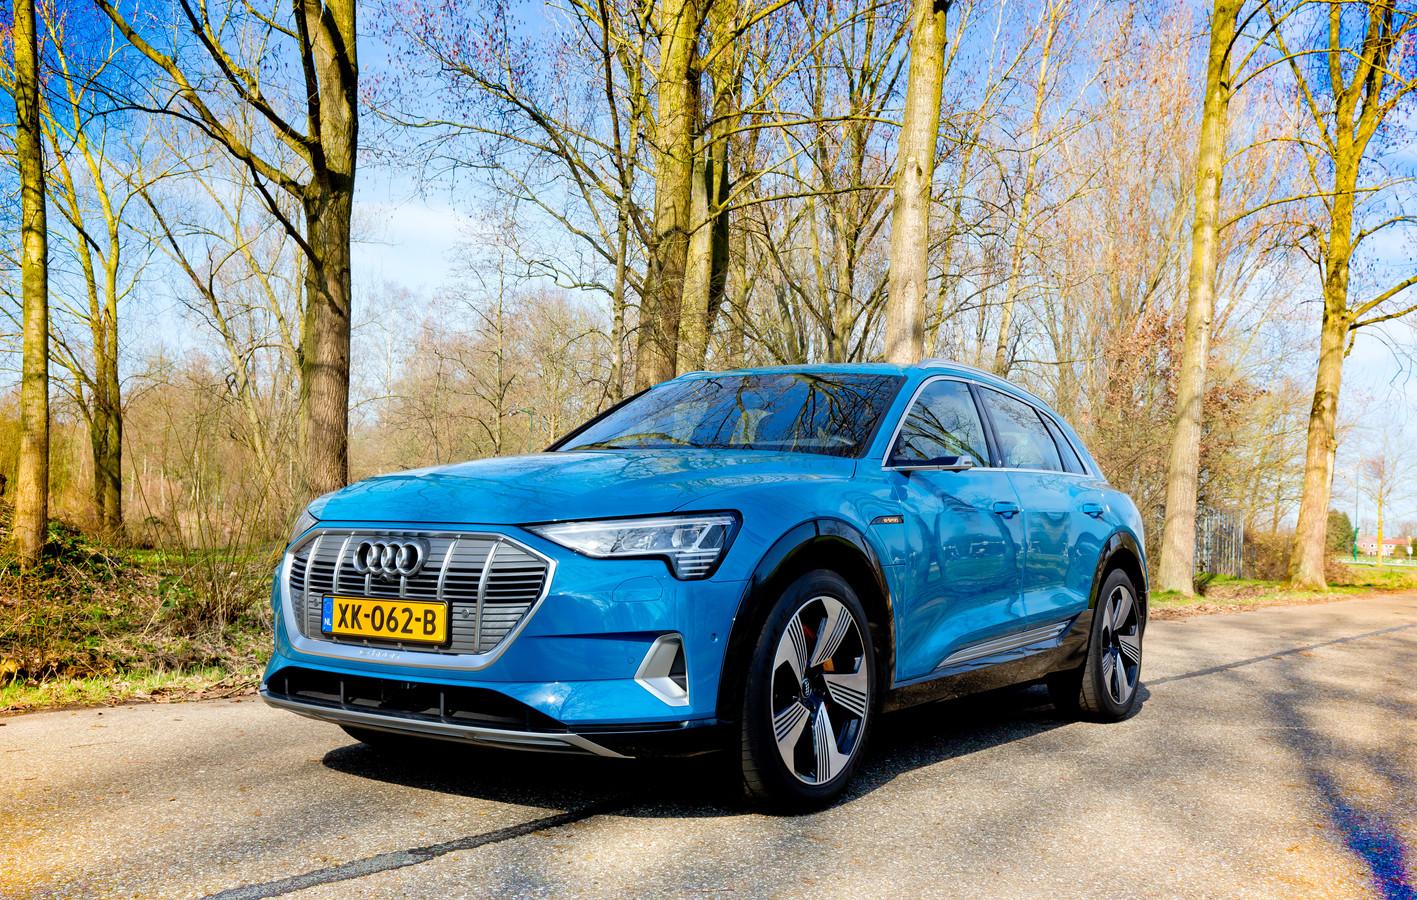 De Audi e-Tron haalt niet de actieradius van de Tesla Model X, maar onderscheidt zich met een prima weggedrag en veel comfort.